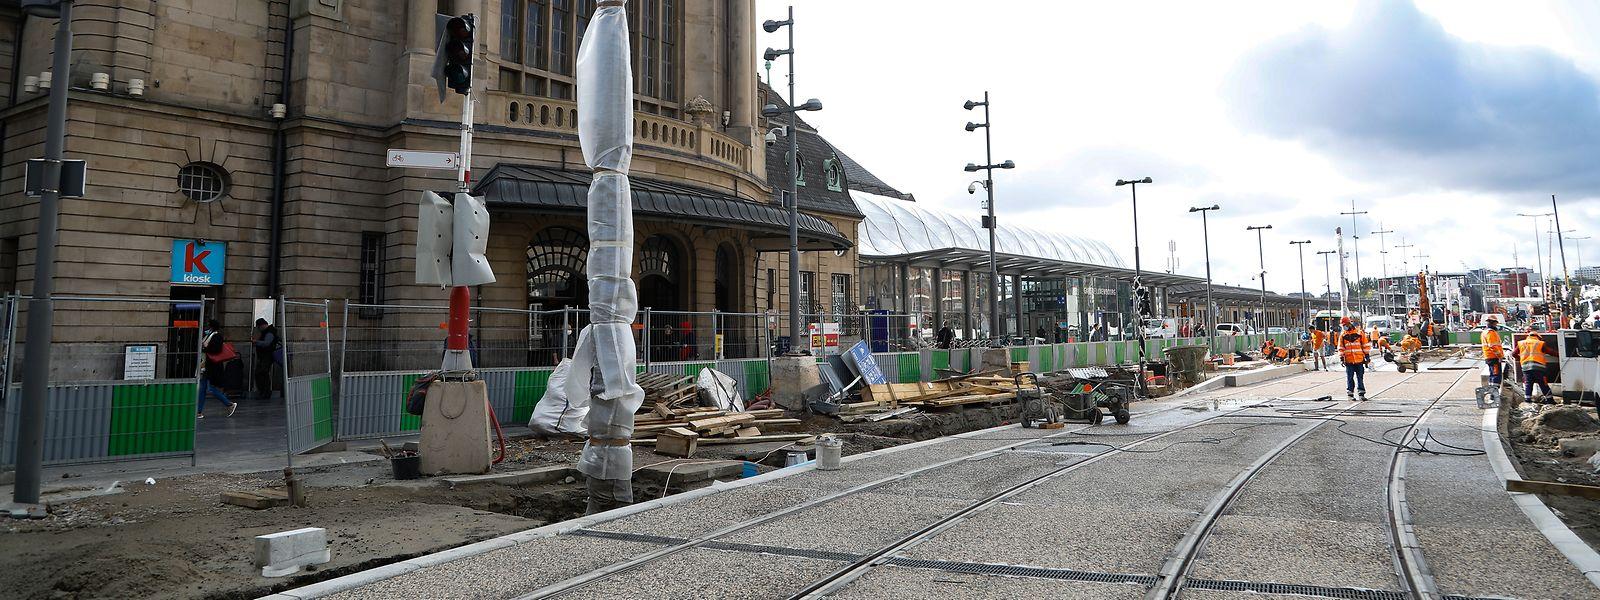 Noch schaut es nicht so aus, doch Anfang Oktober könnten laut Luxtram die ersten Testfahrten stattfinden.